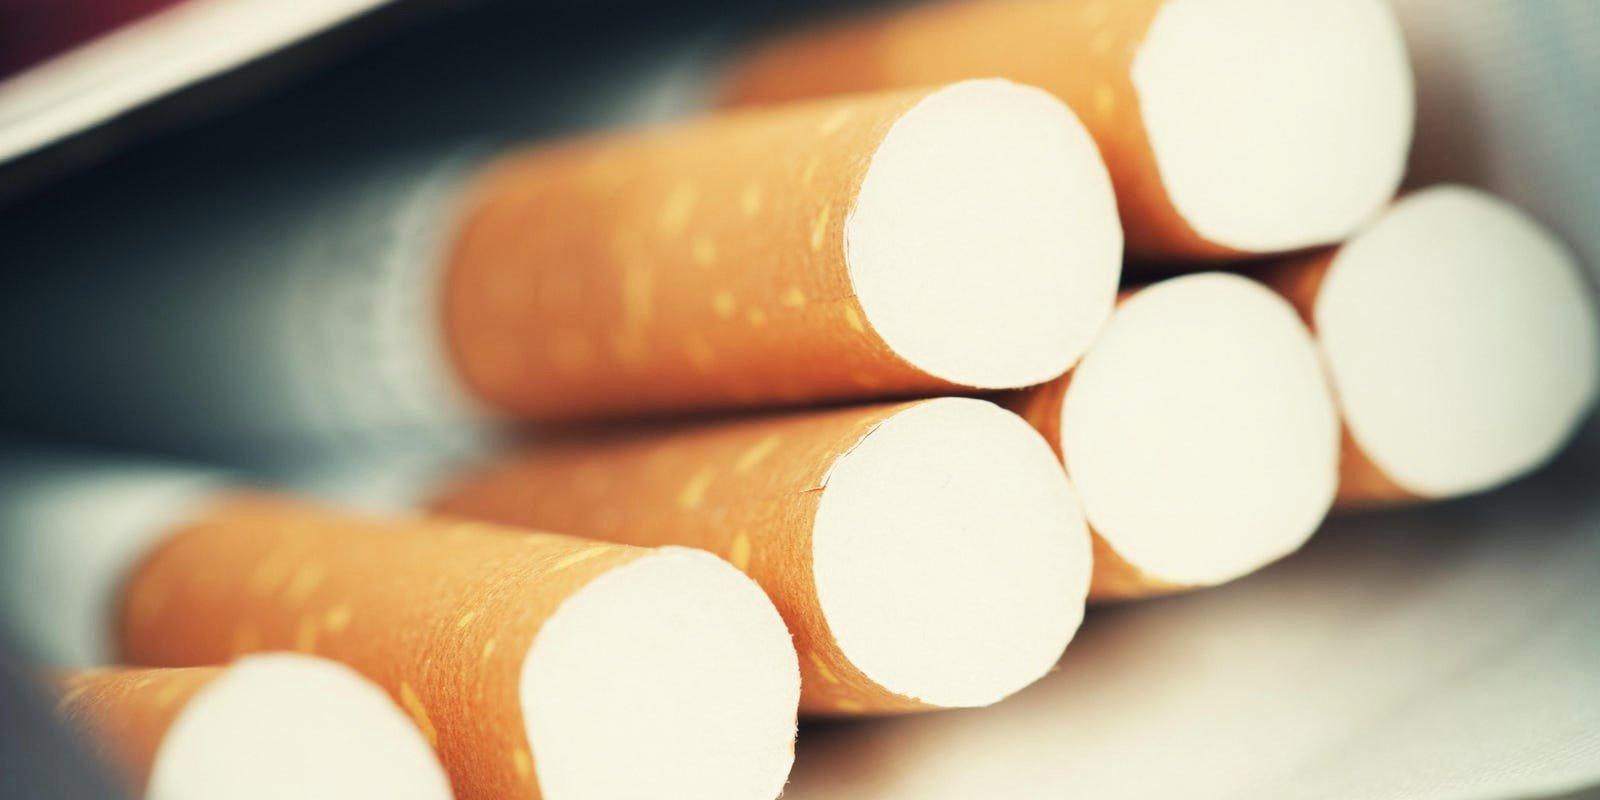 В порту Актау пресечена контрабанда 12 контейнеров с сигаретами из Ирана